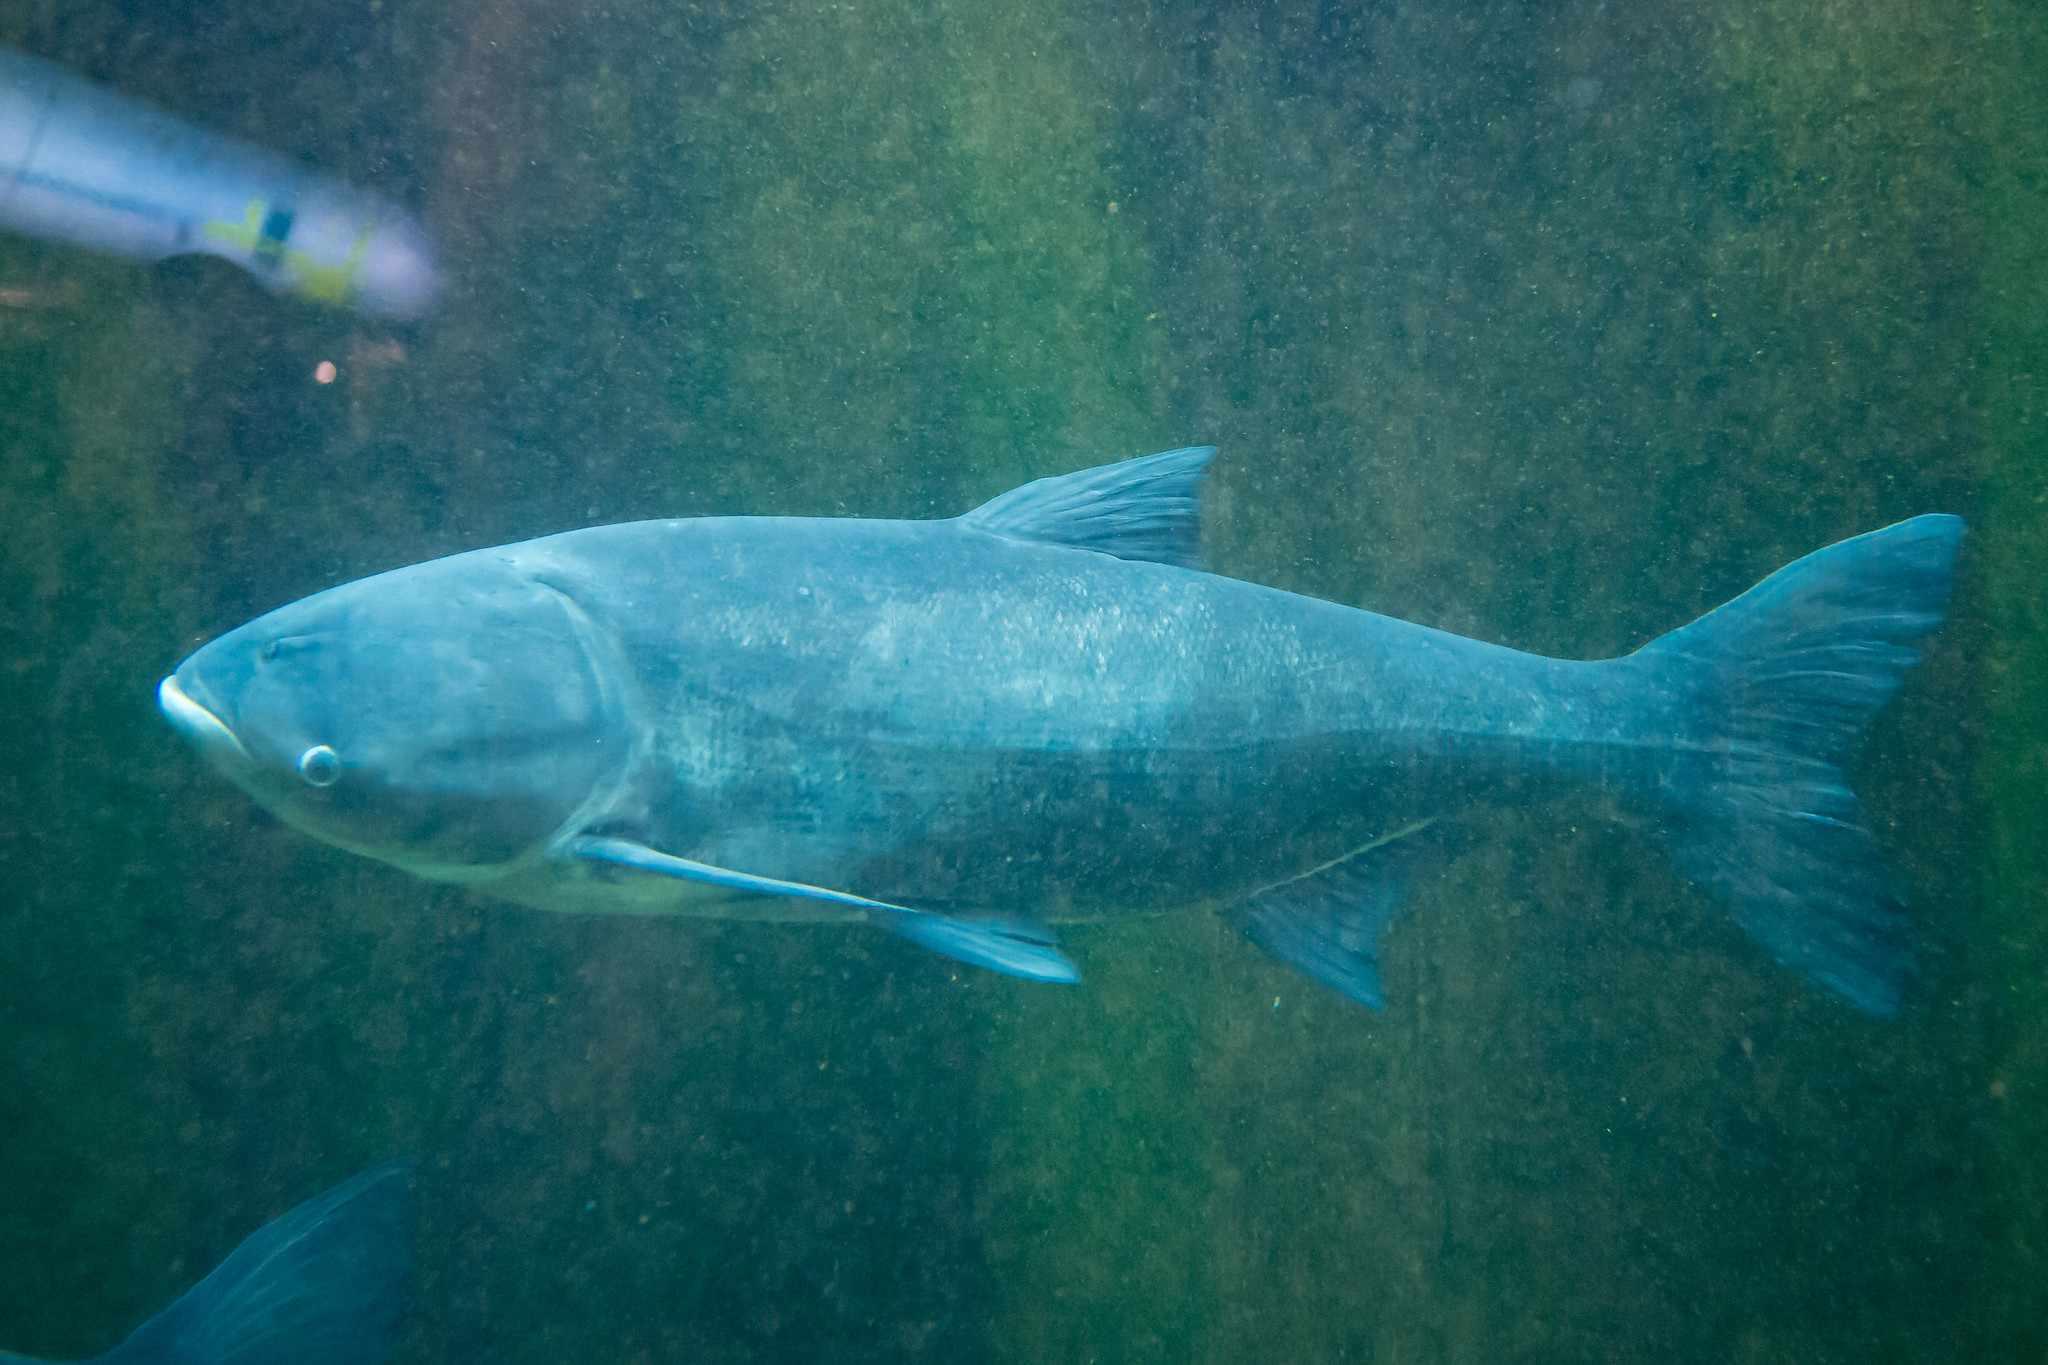 invasive carp in river